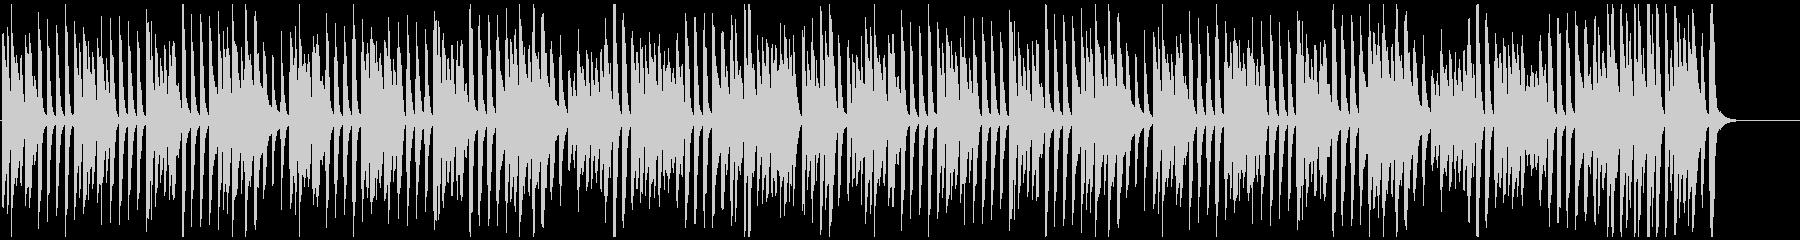 かわいい/ジャズ/ラグタイム風ピアノの未再生の波形